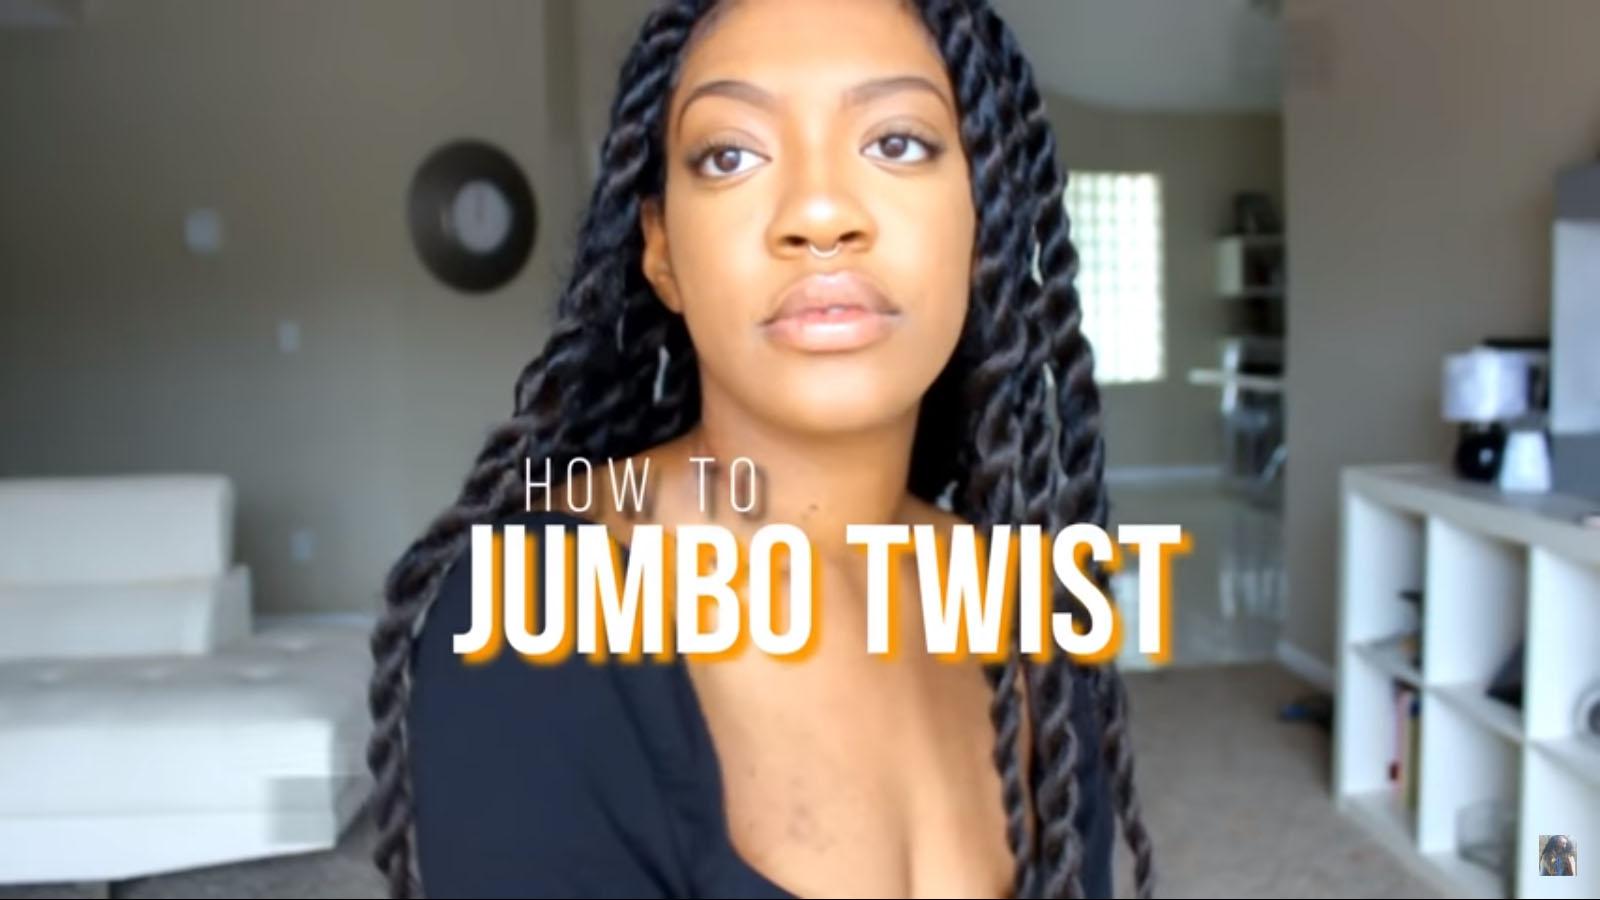 jumbo twists